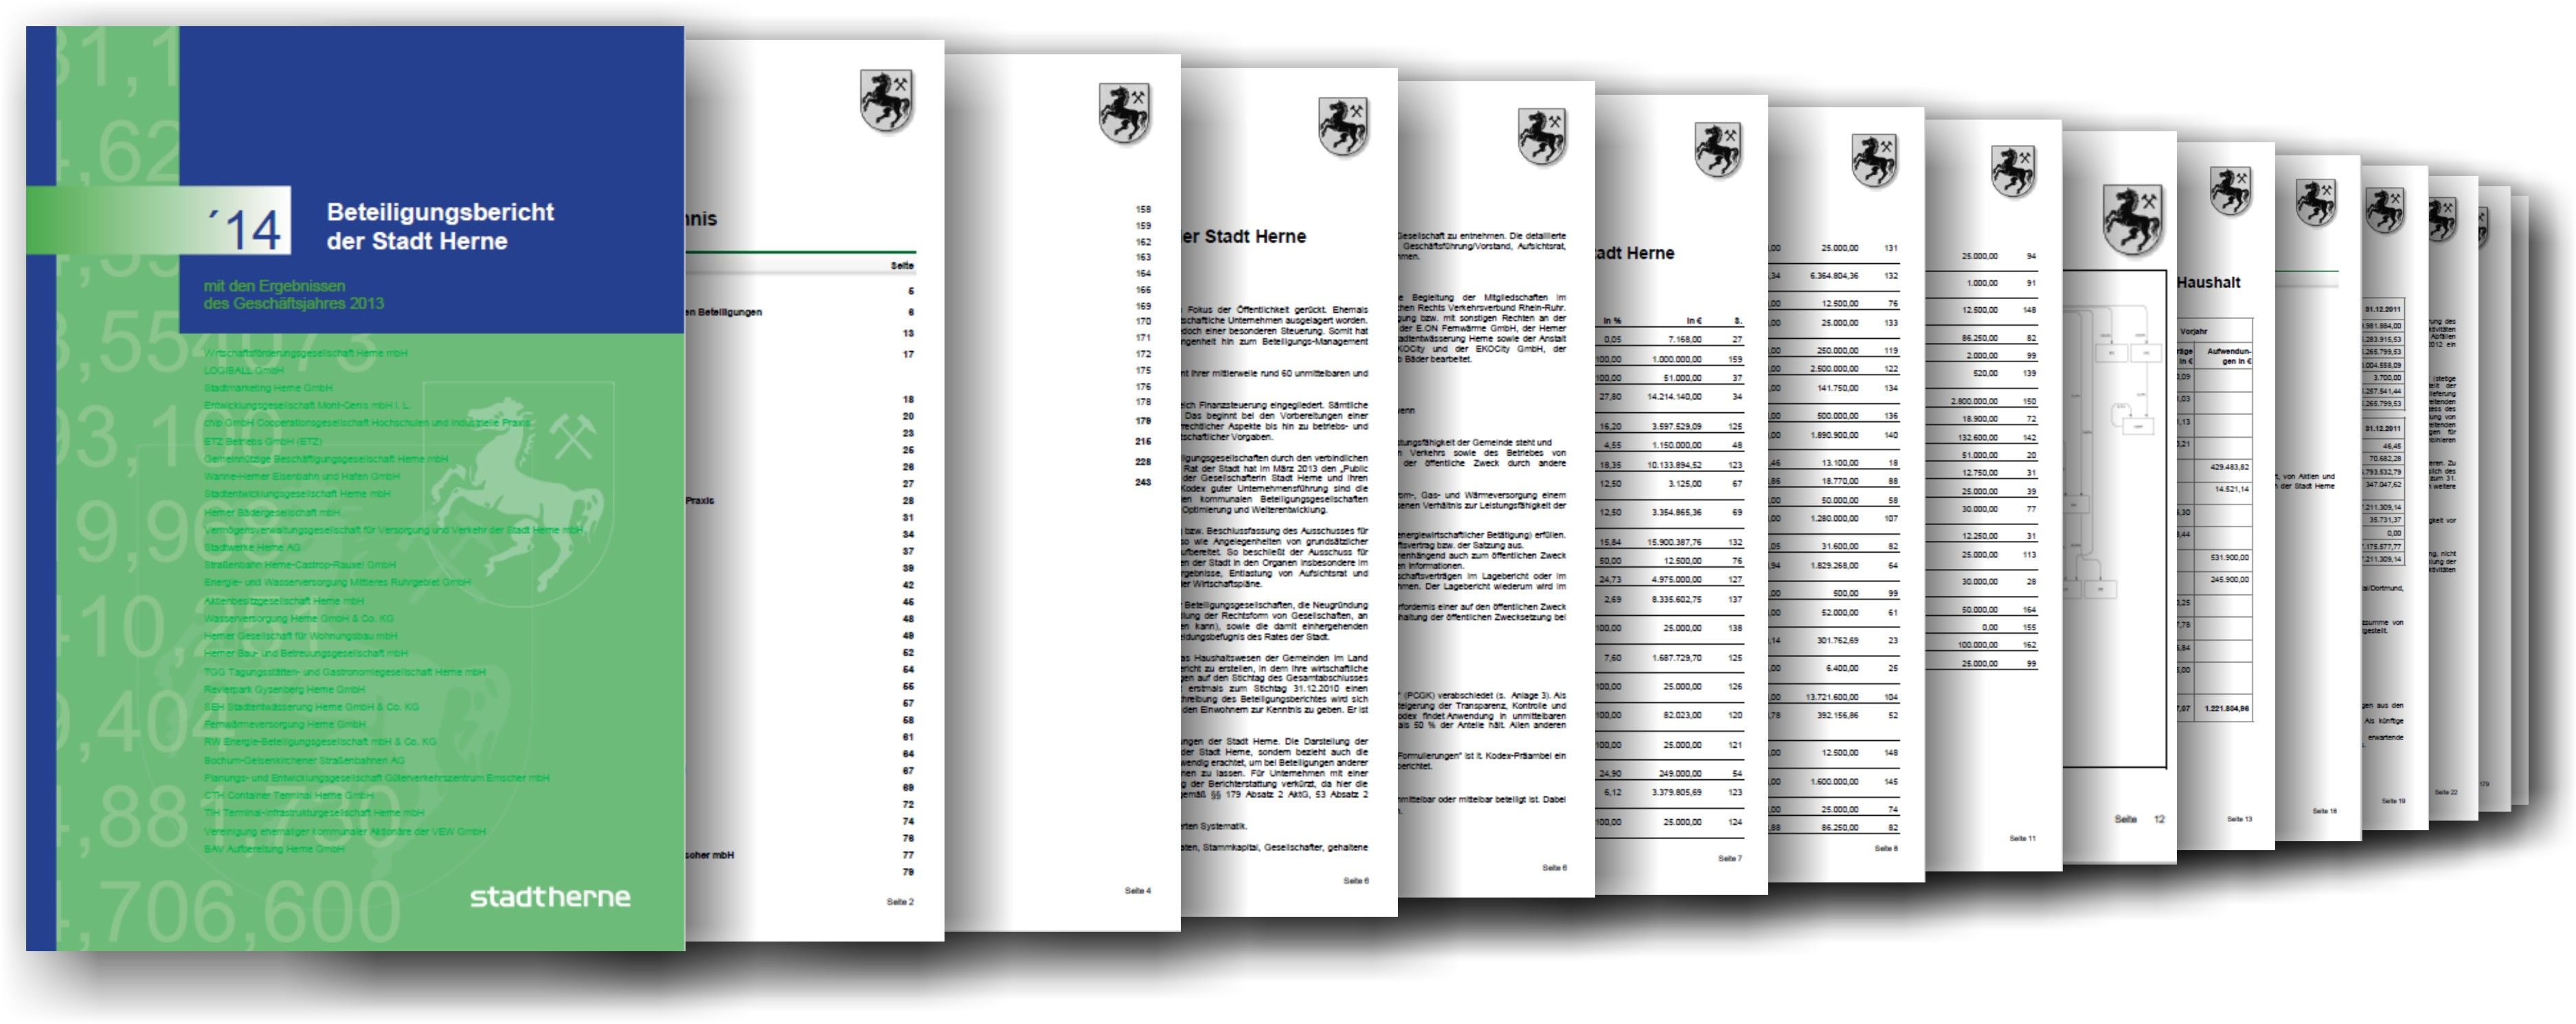 Beteiligungsbericht der Stadt Herne